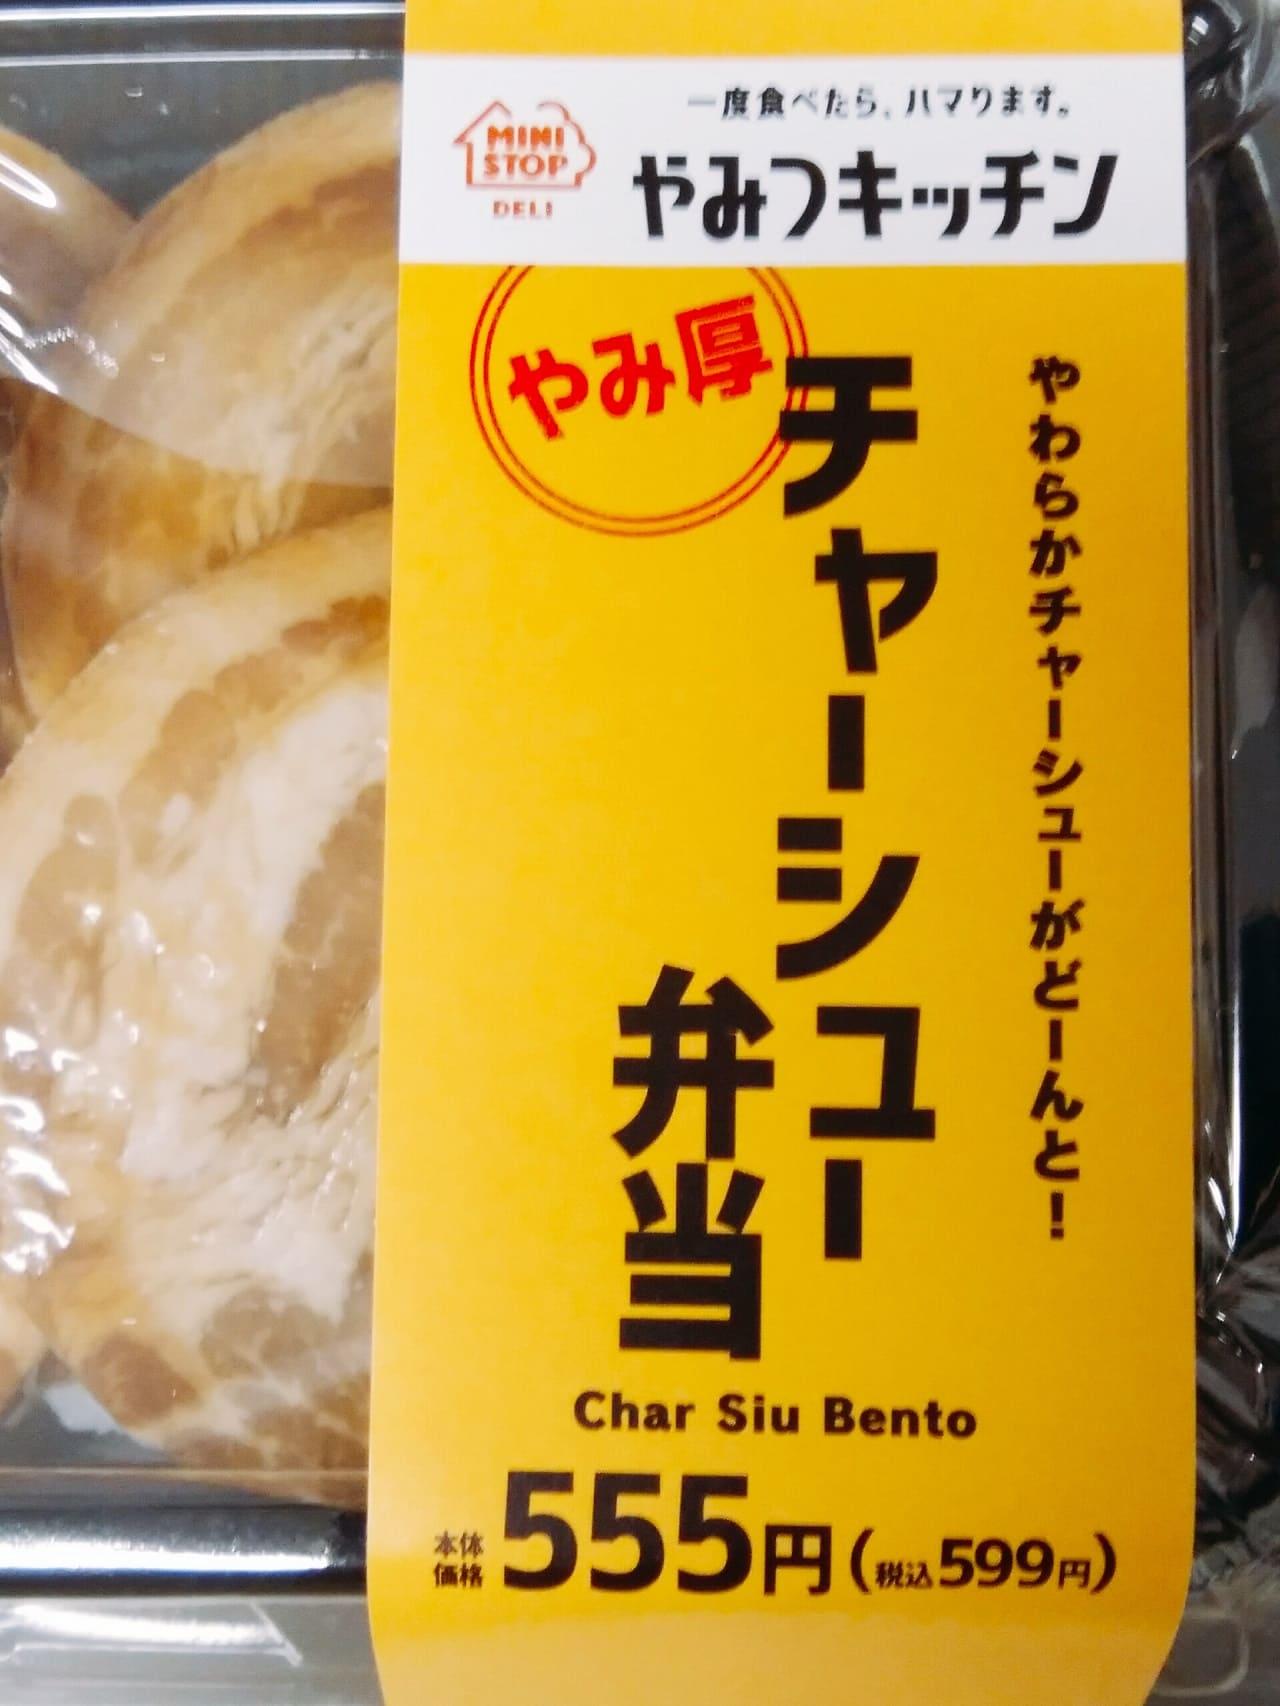 チャーシュー弁当のパッケージ